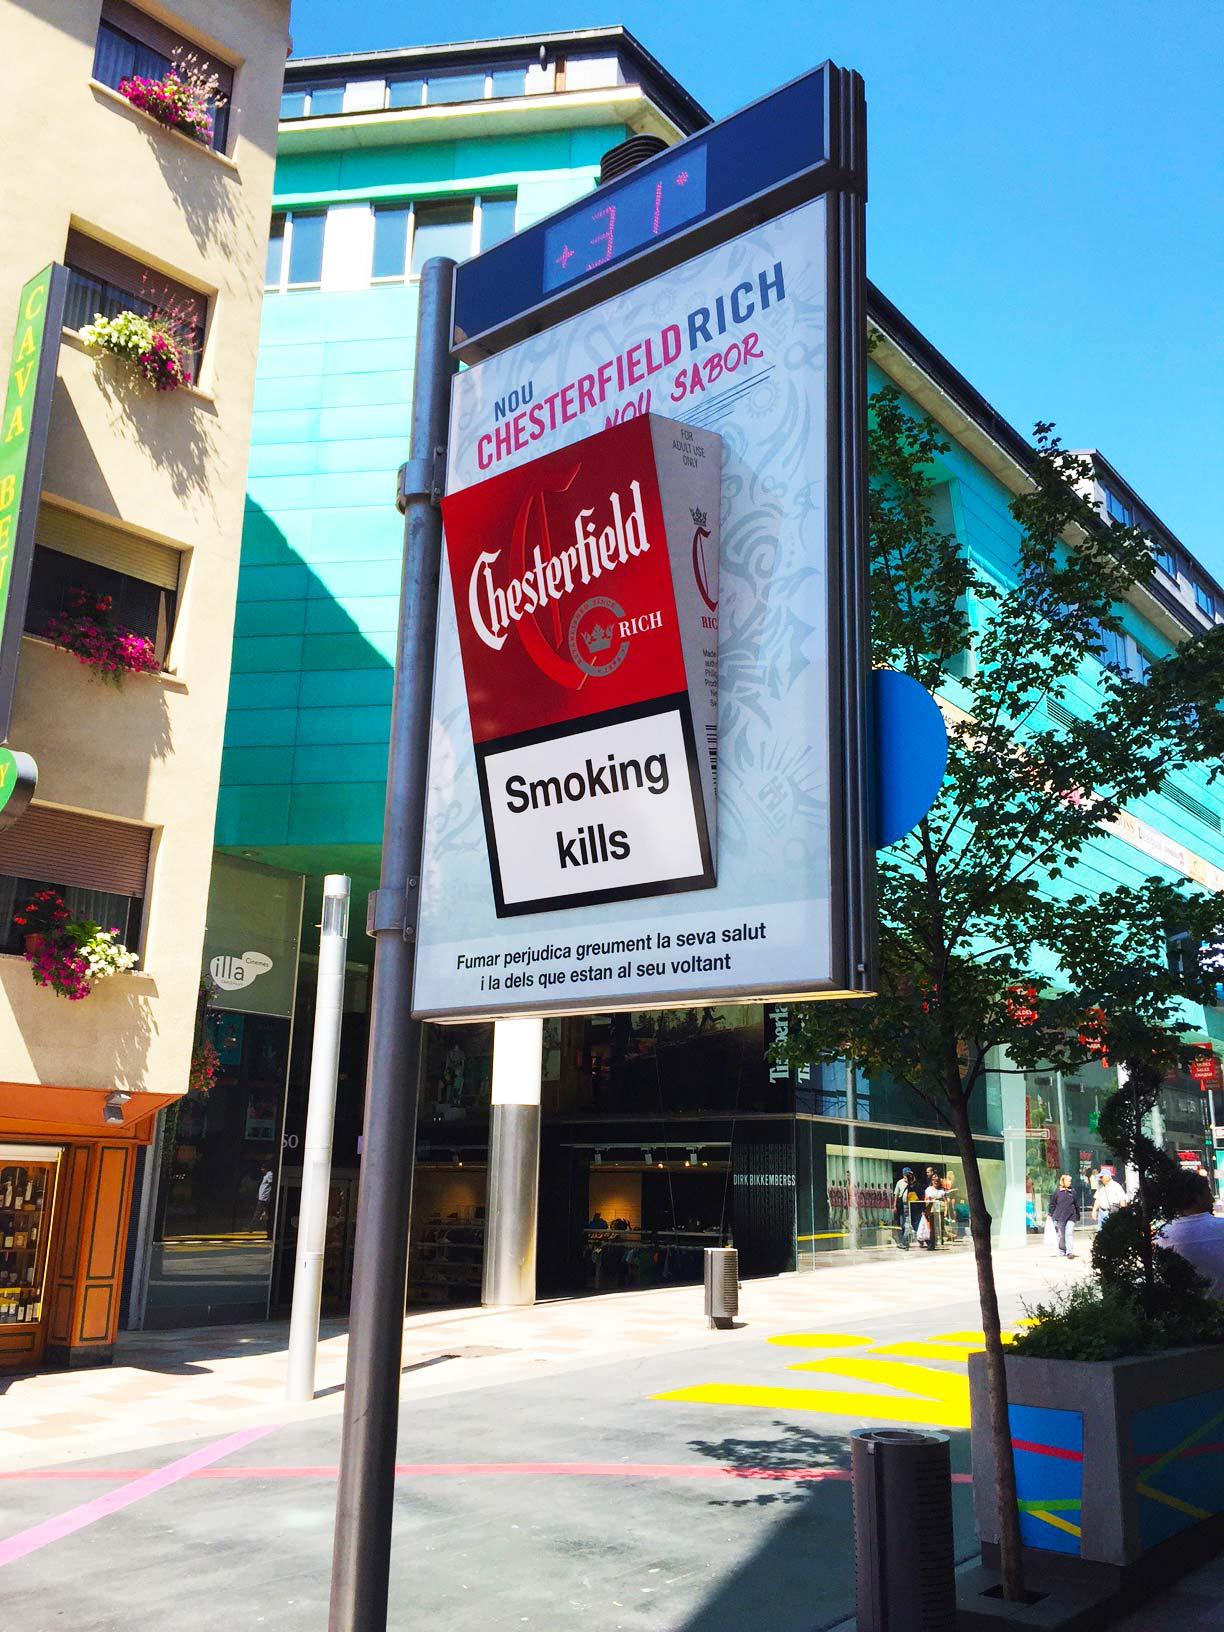 mobiliario-urbano-reloj-publicidad-exterior-chesterfield-2-andorra-vsa-comunicacion